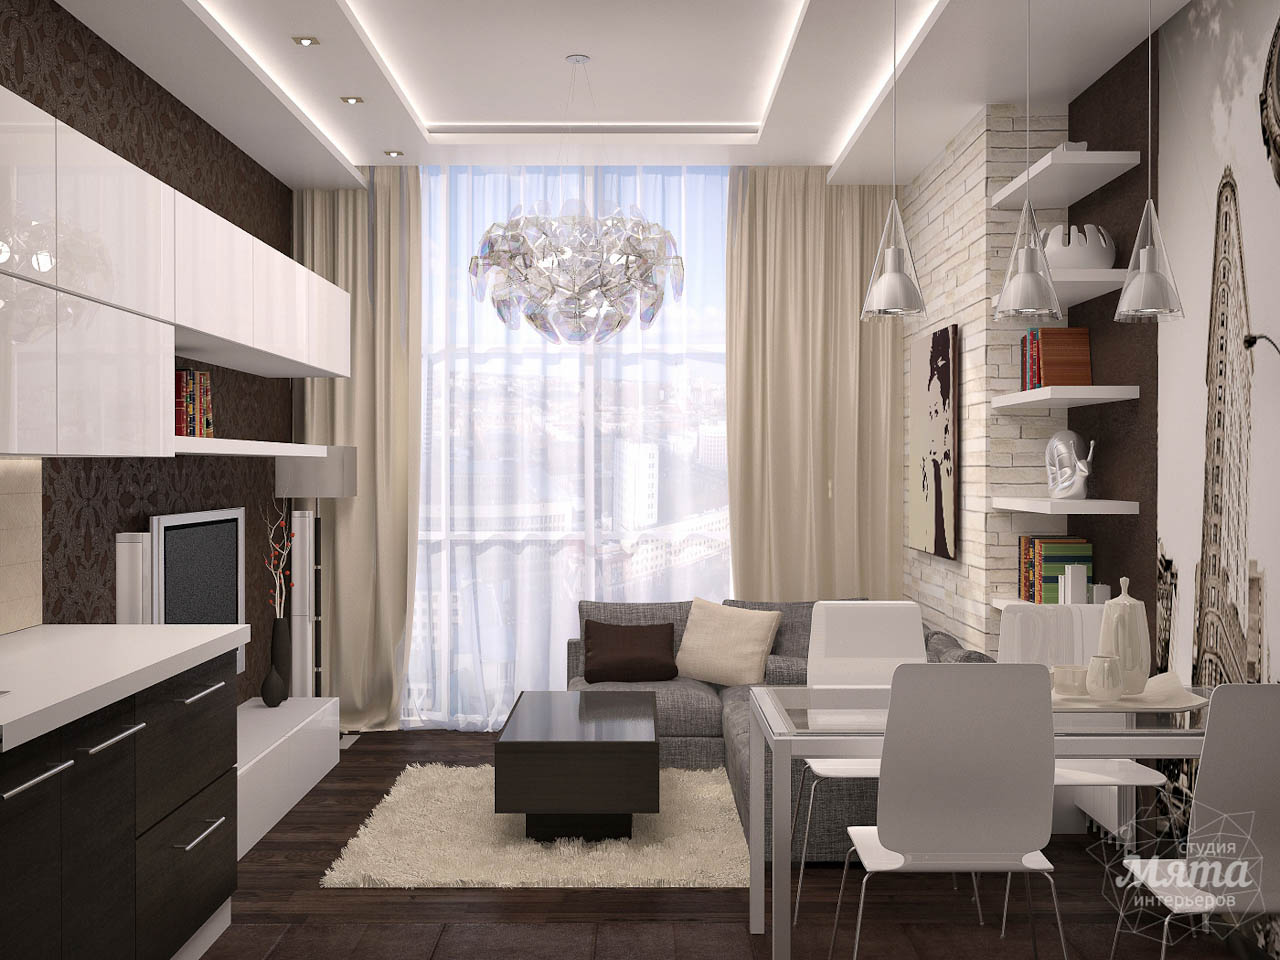 Дизайн интерьера трехкомнатной квартиры по ул. Папанина 18 img1958620809